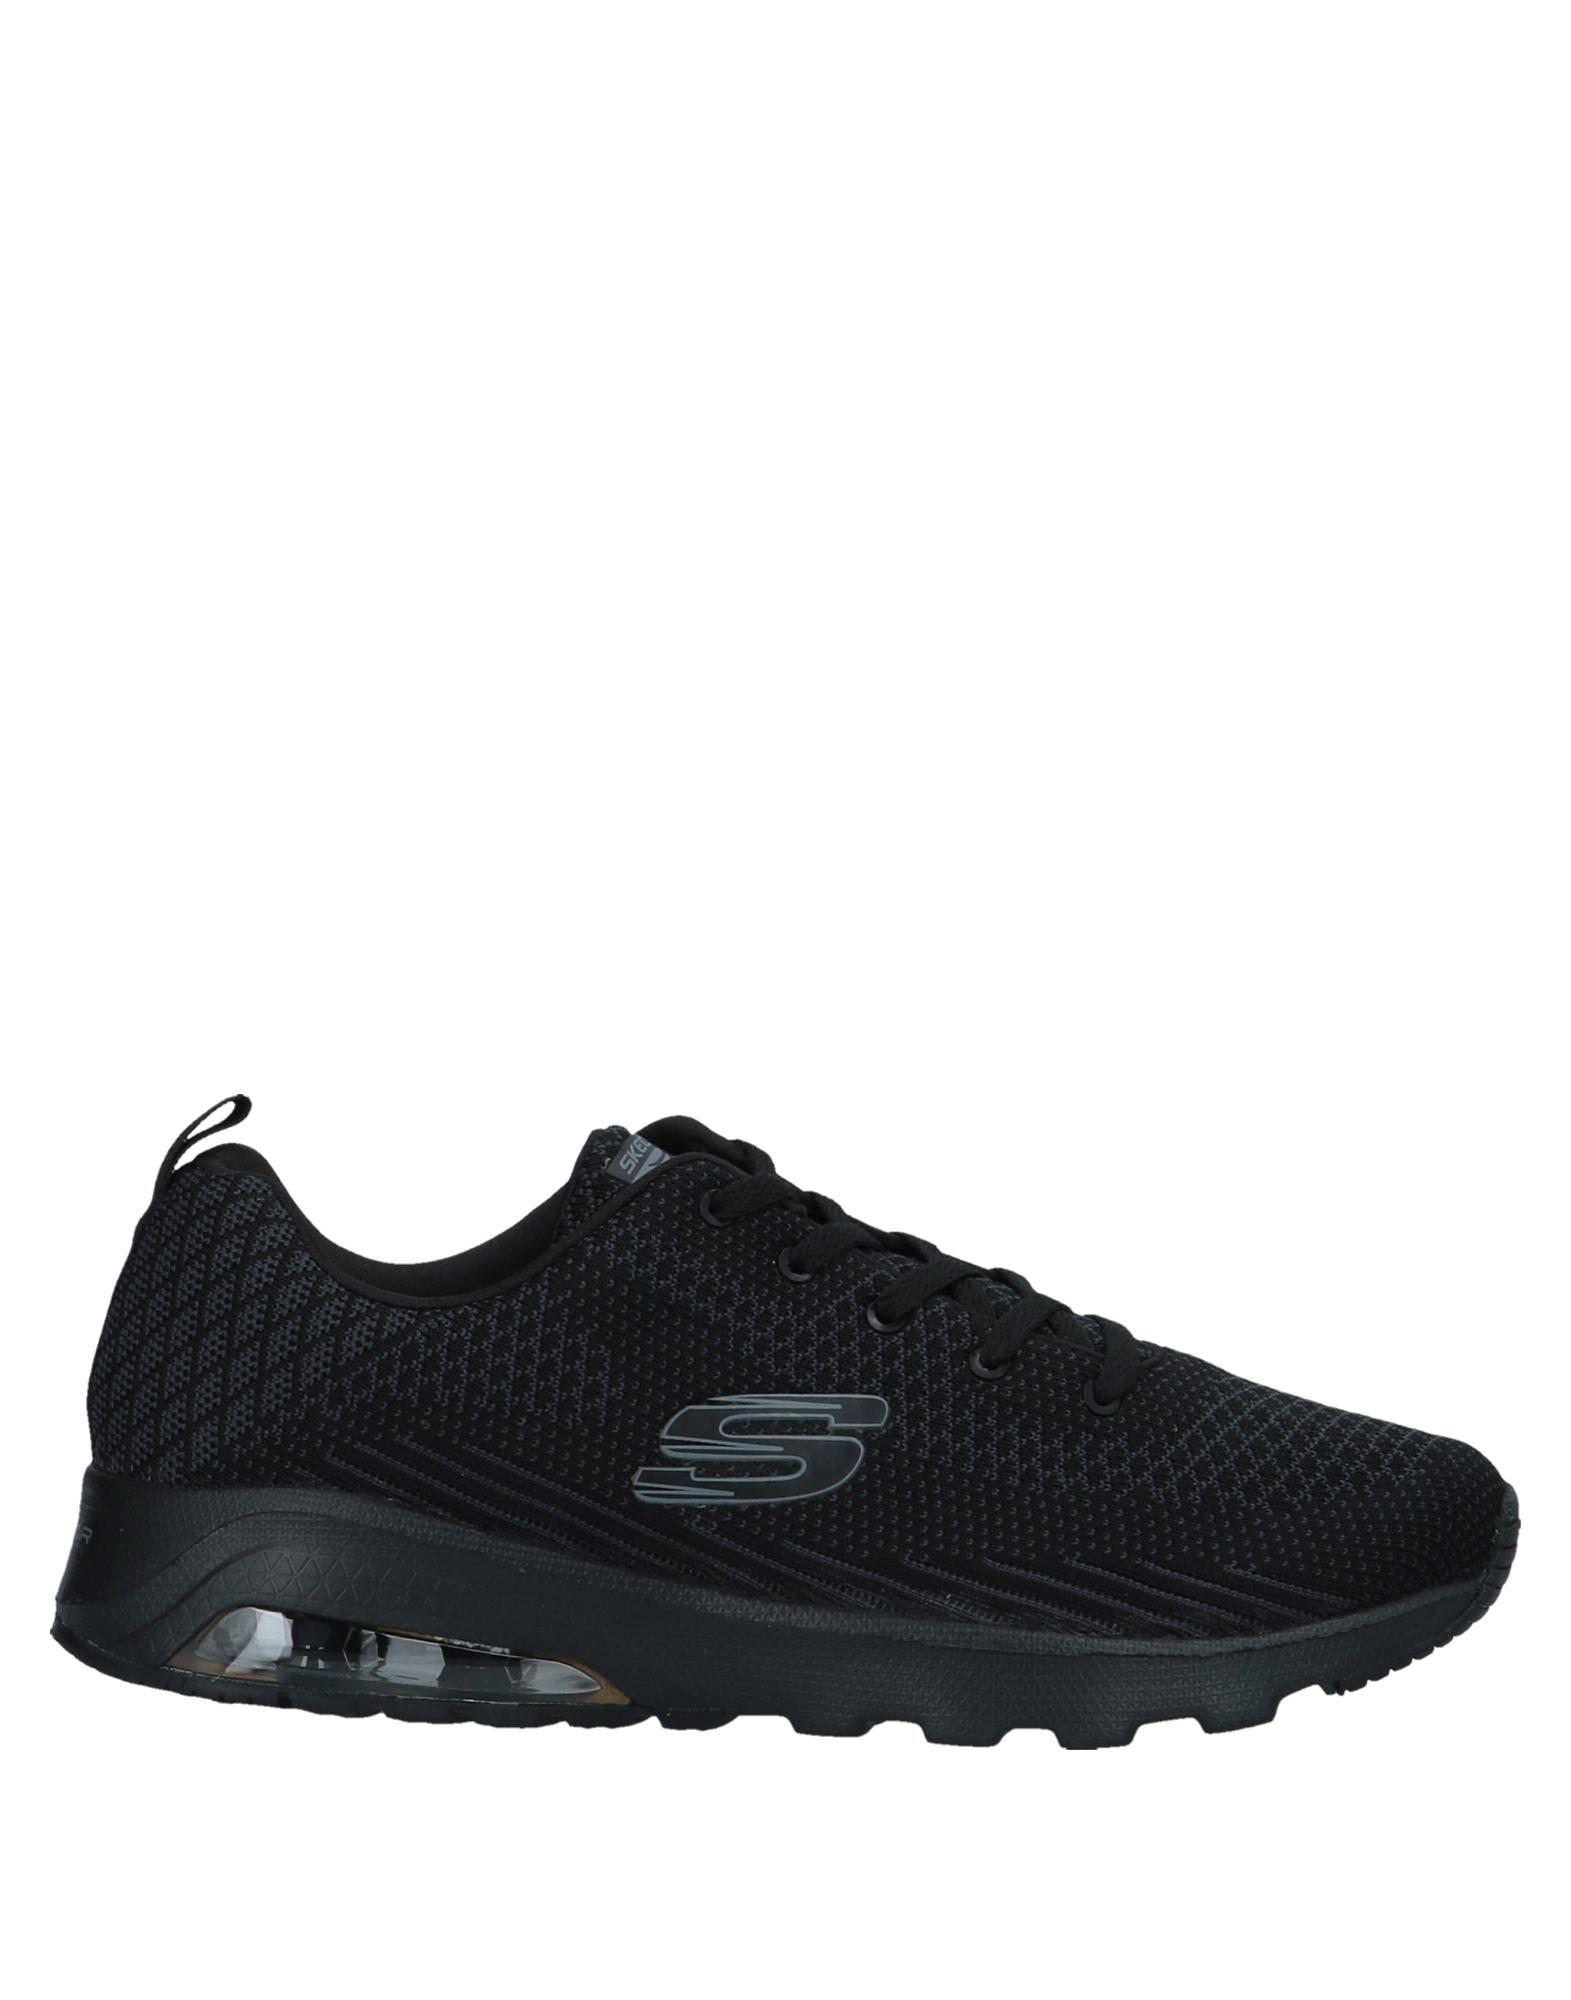 Baskets Skechers Femme - chaussures Baskets Skechers Noir Nouvelles chaussures - pour hommes et femmes, remise limitée dans le temps 206696